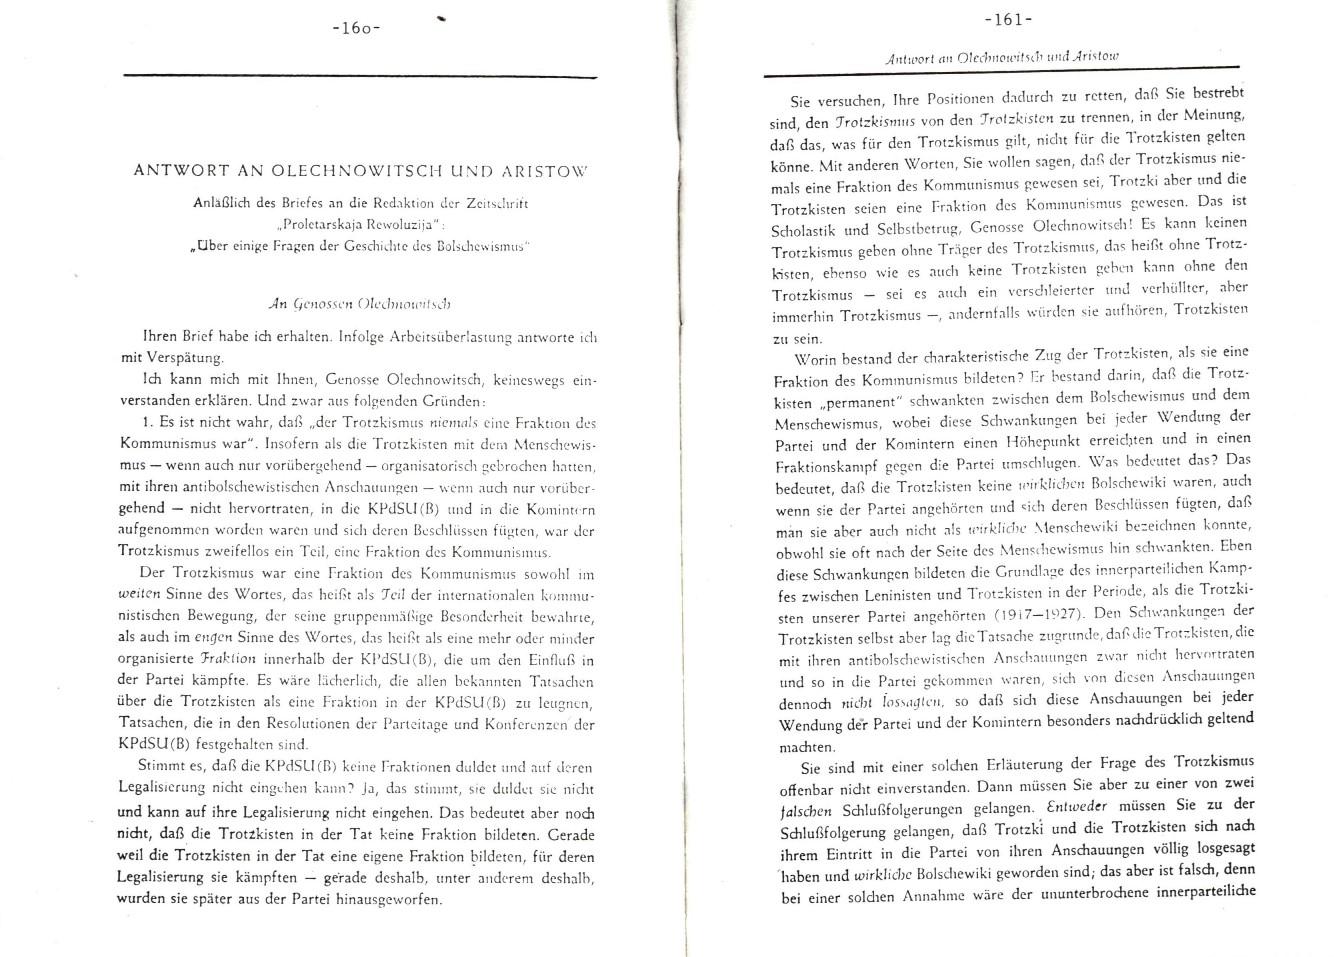 MLSK_Theorie_und_Praxis_des_ML_1979_25_81